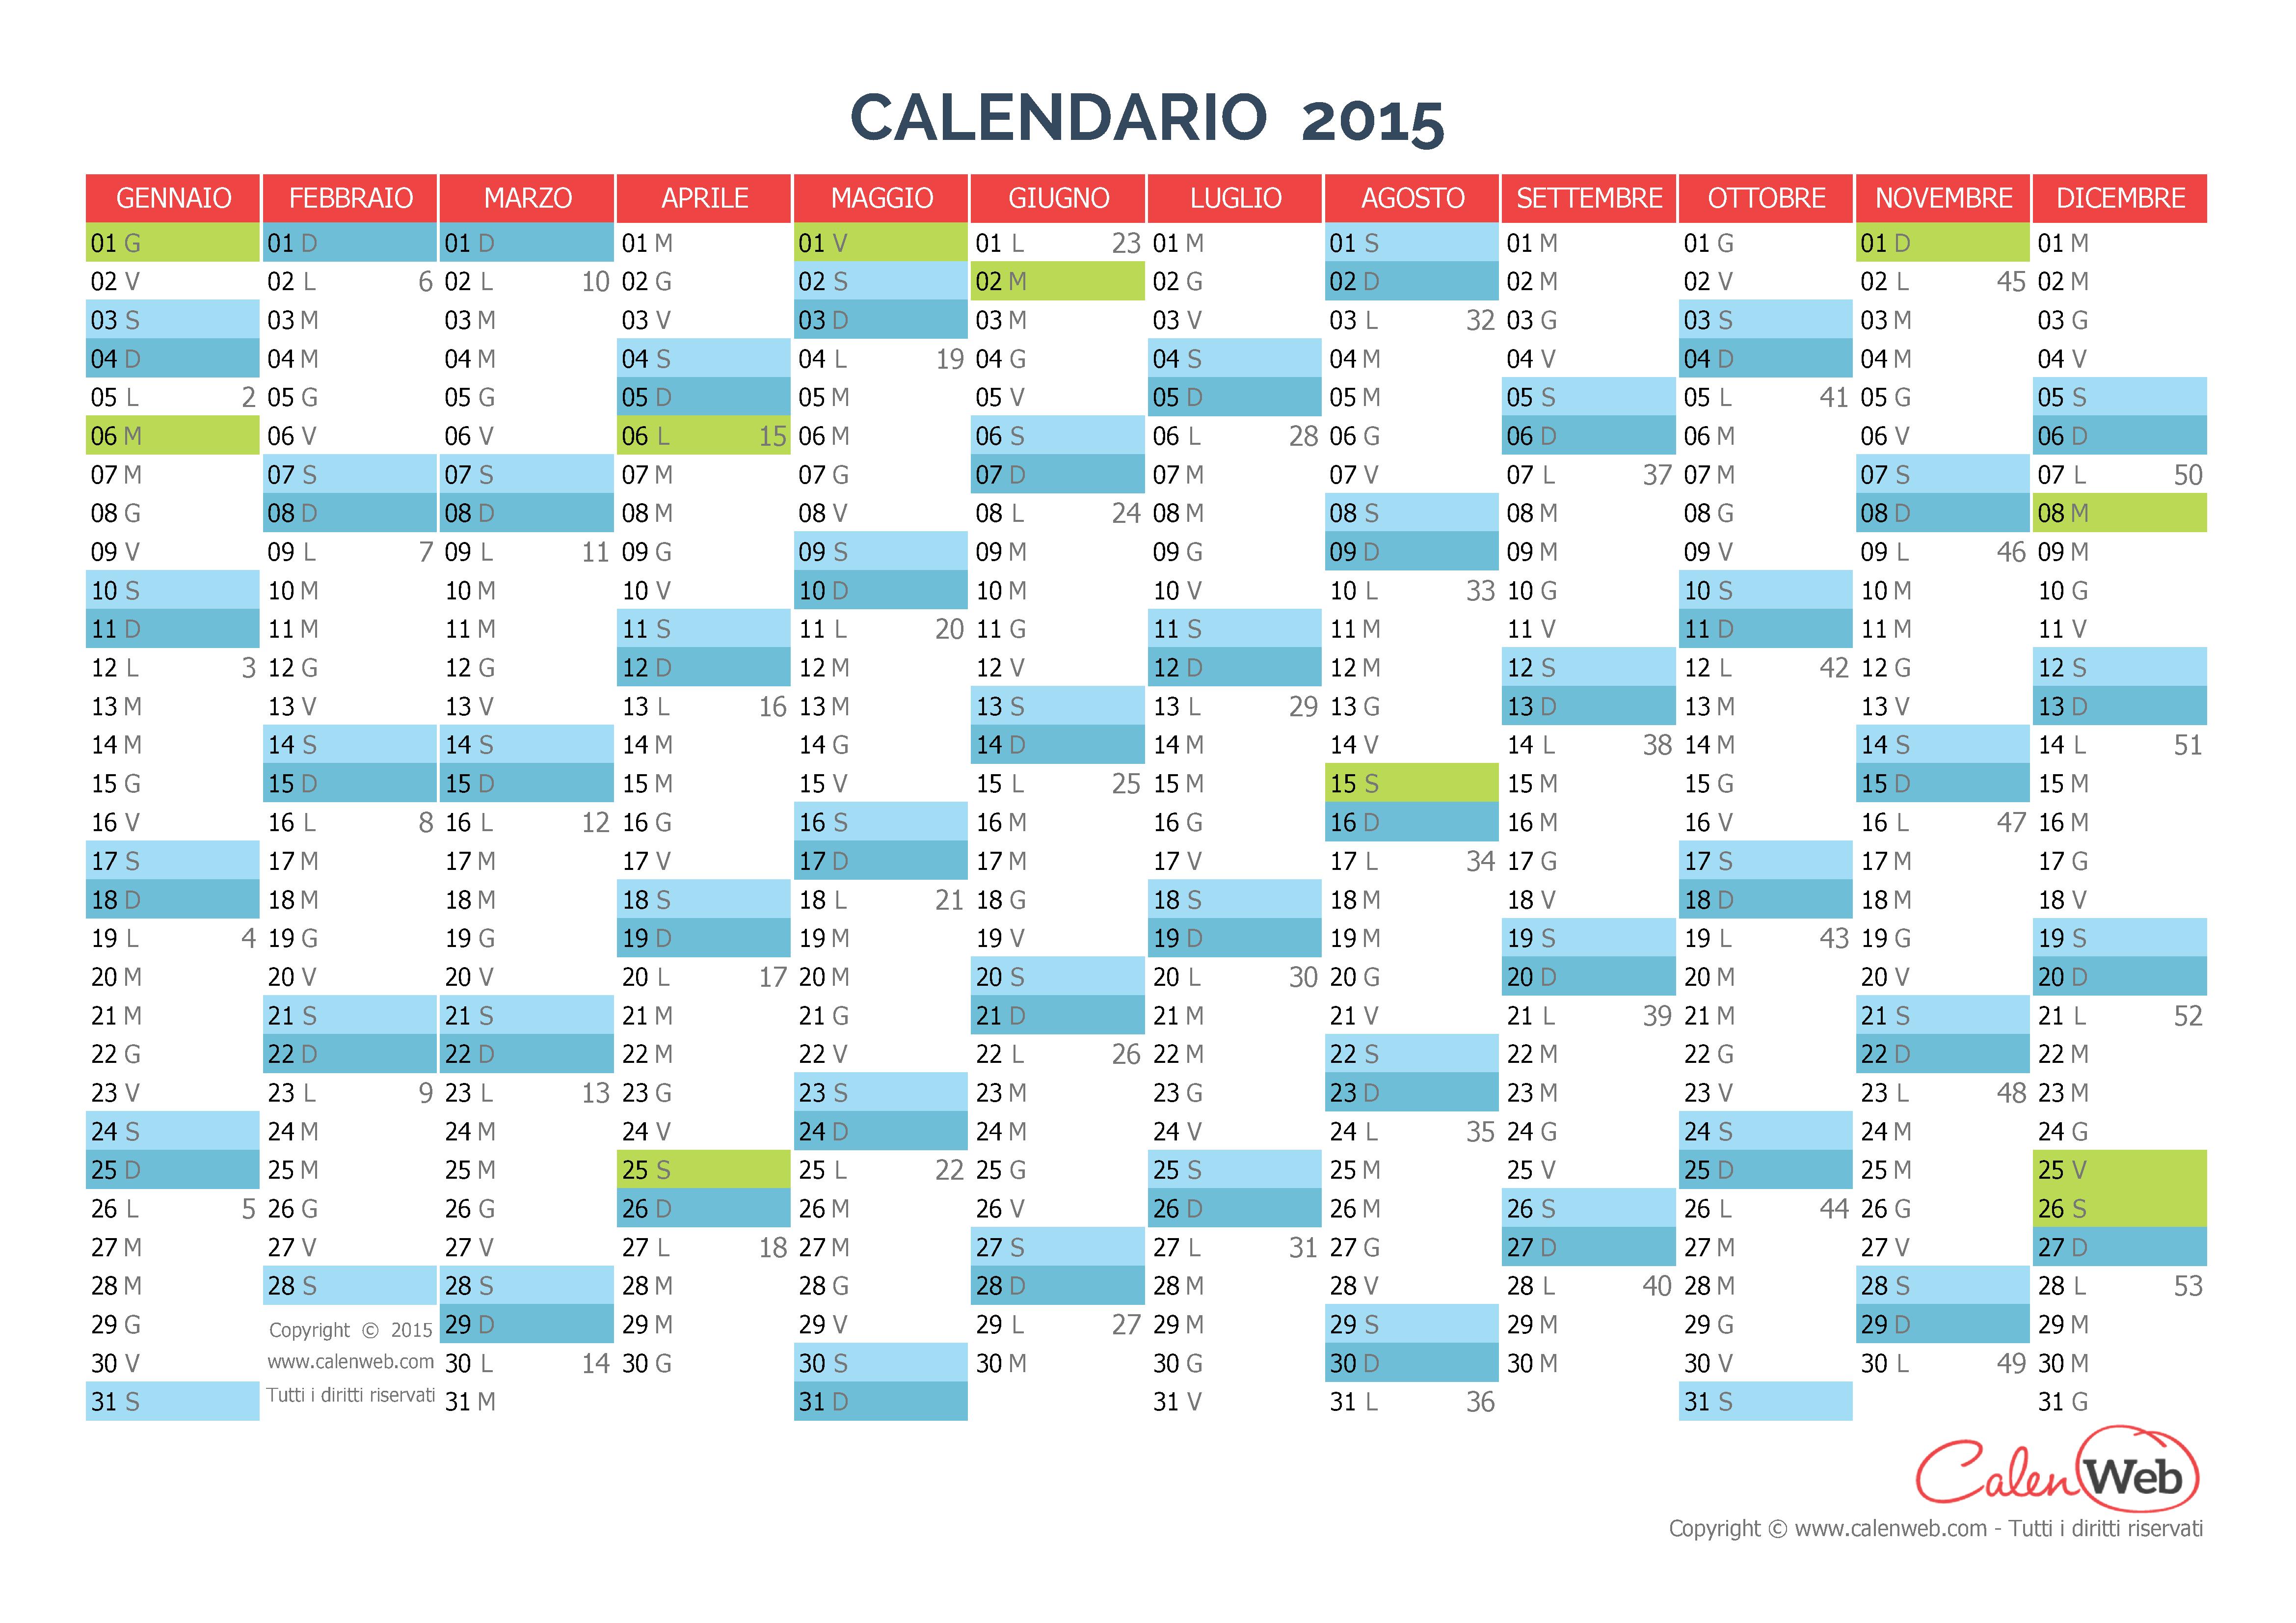 Calendario Anno 2015.Calendario Annuale Anno 2015 Con Le Festivita Italiane